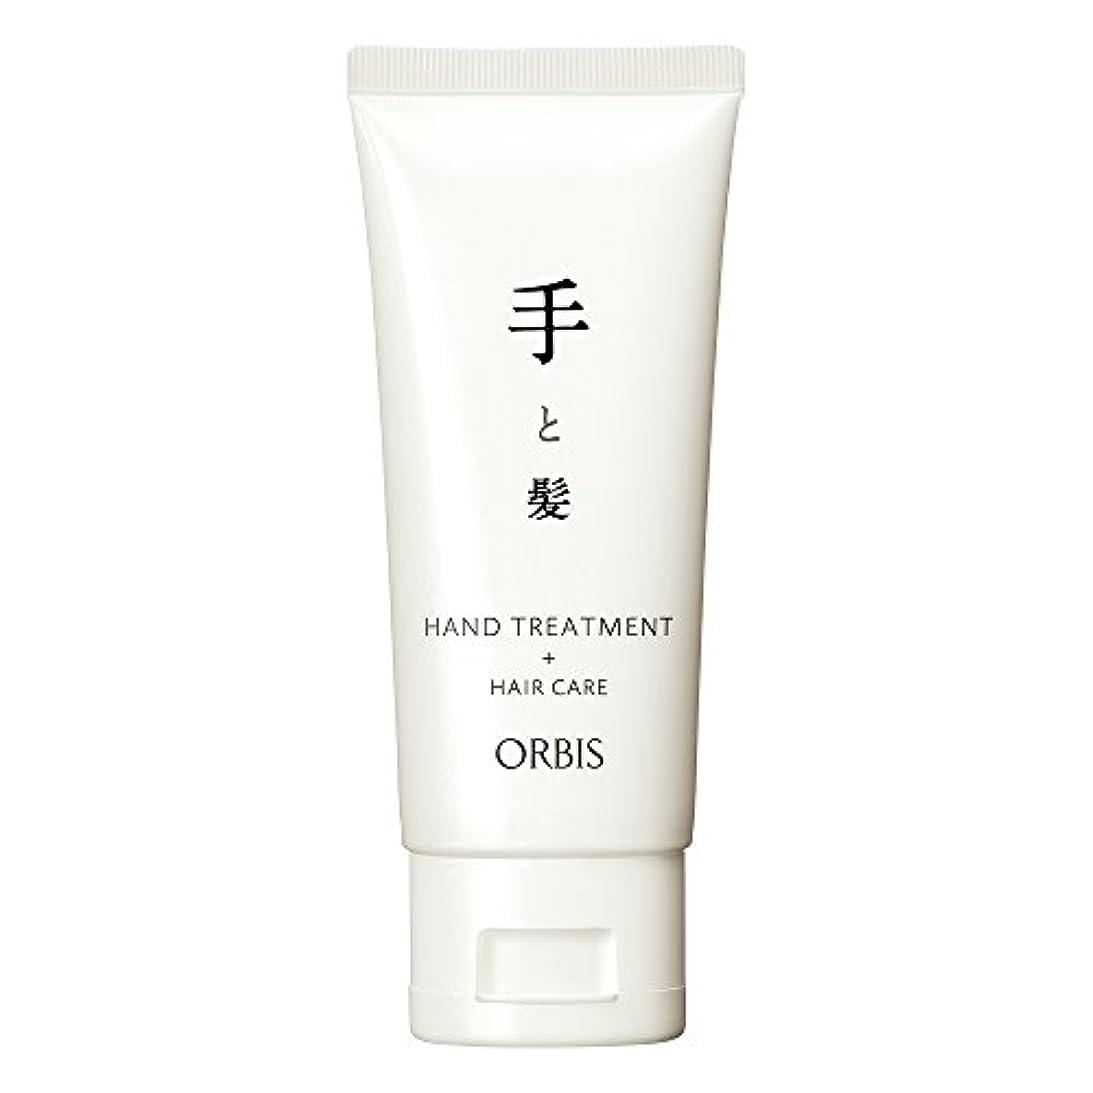 シャイニング好ましいアプトオルビス(ORBIS) 手と髪 ―髪にも使えるハンドトリートメント― 80g (ハンドクリーム兼ヘアクリーム) 9656